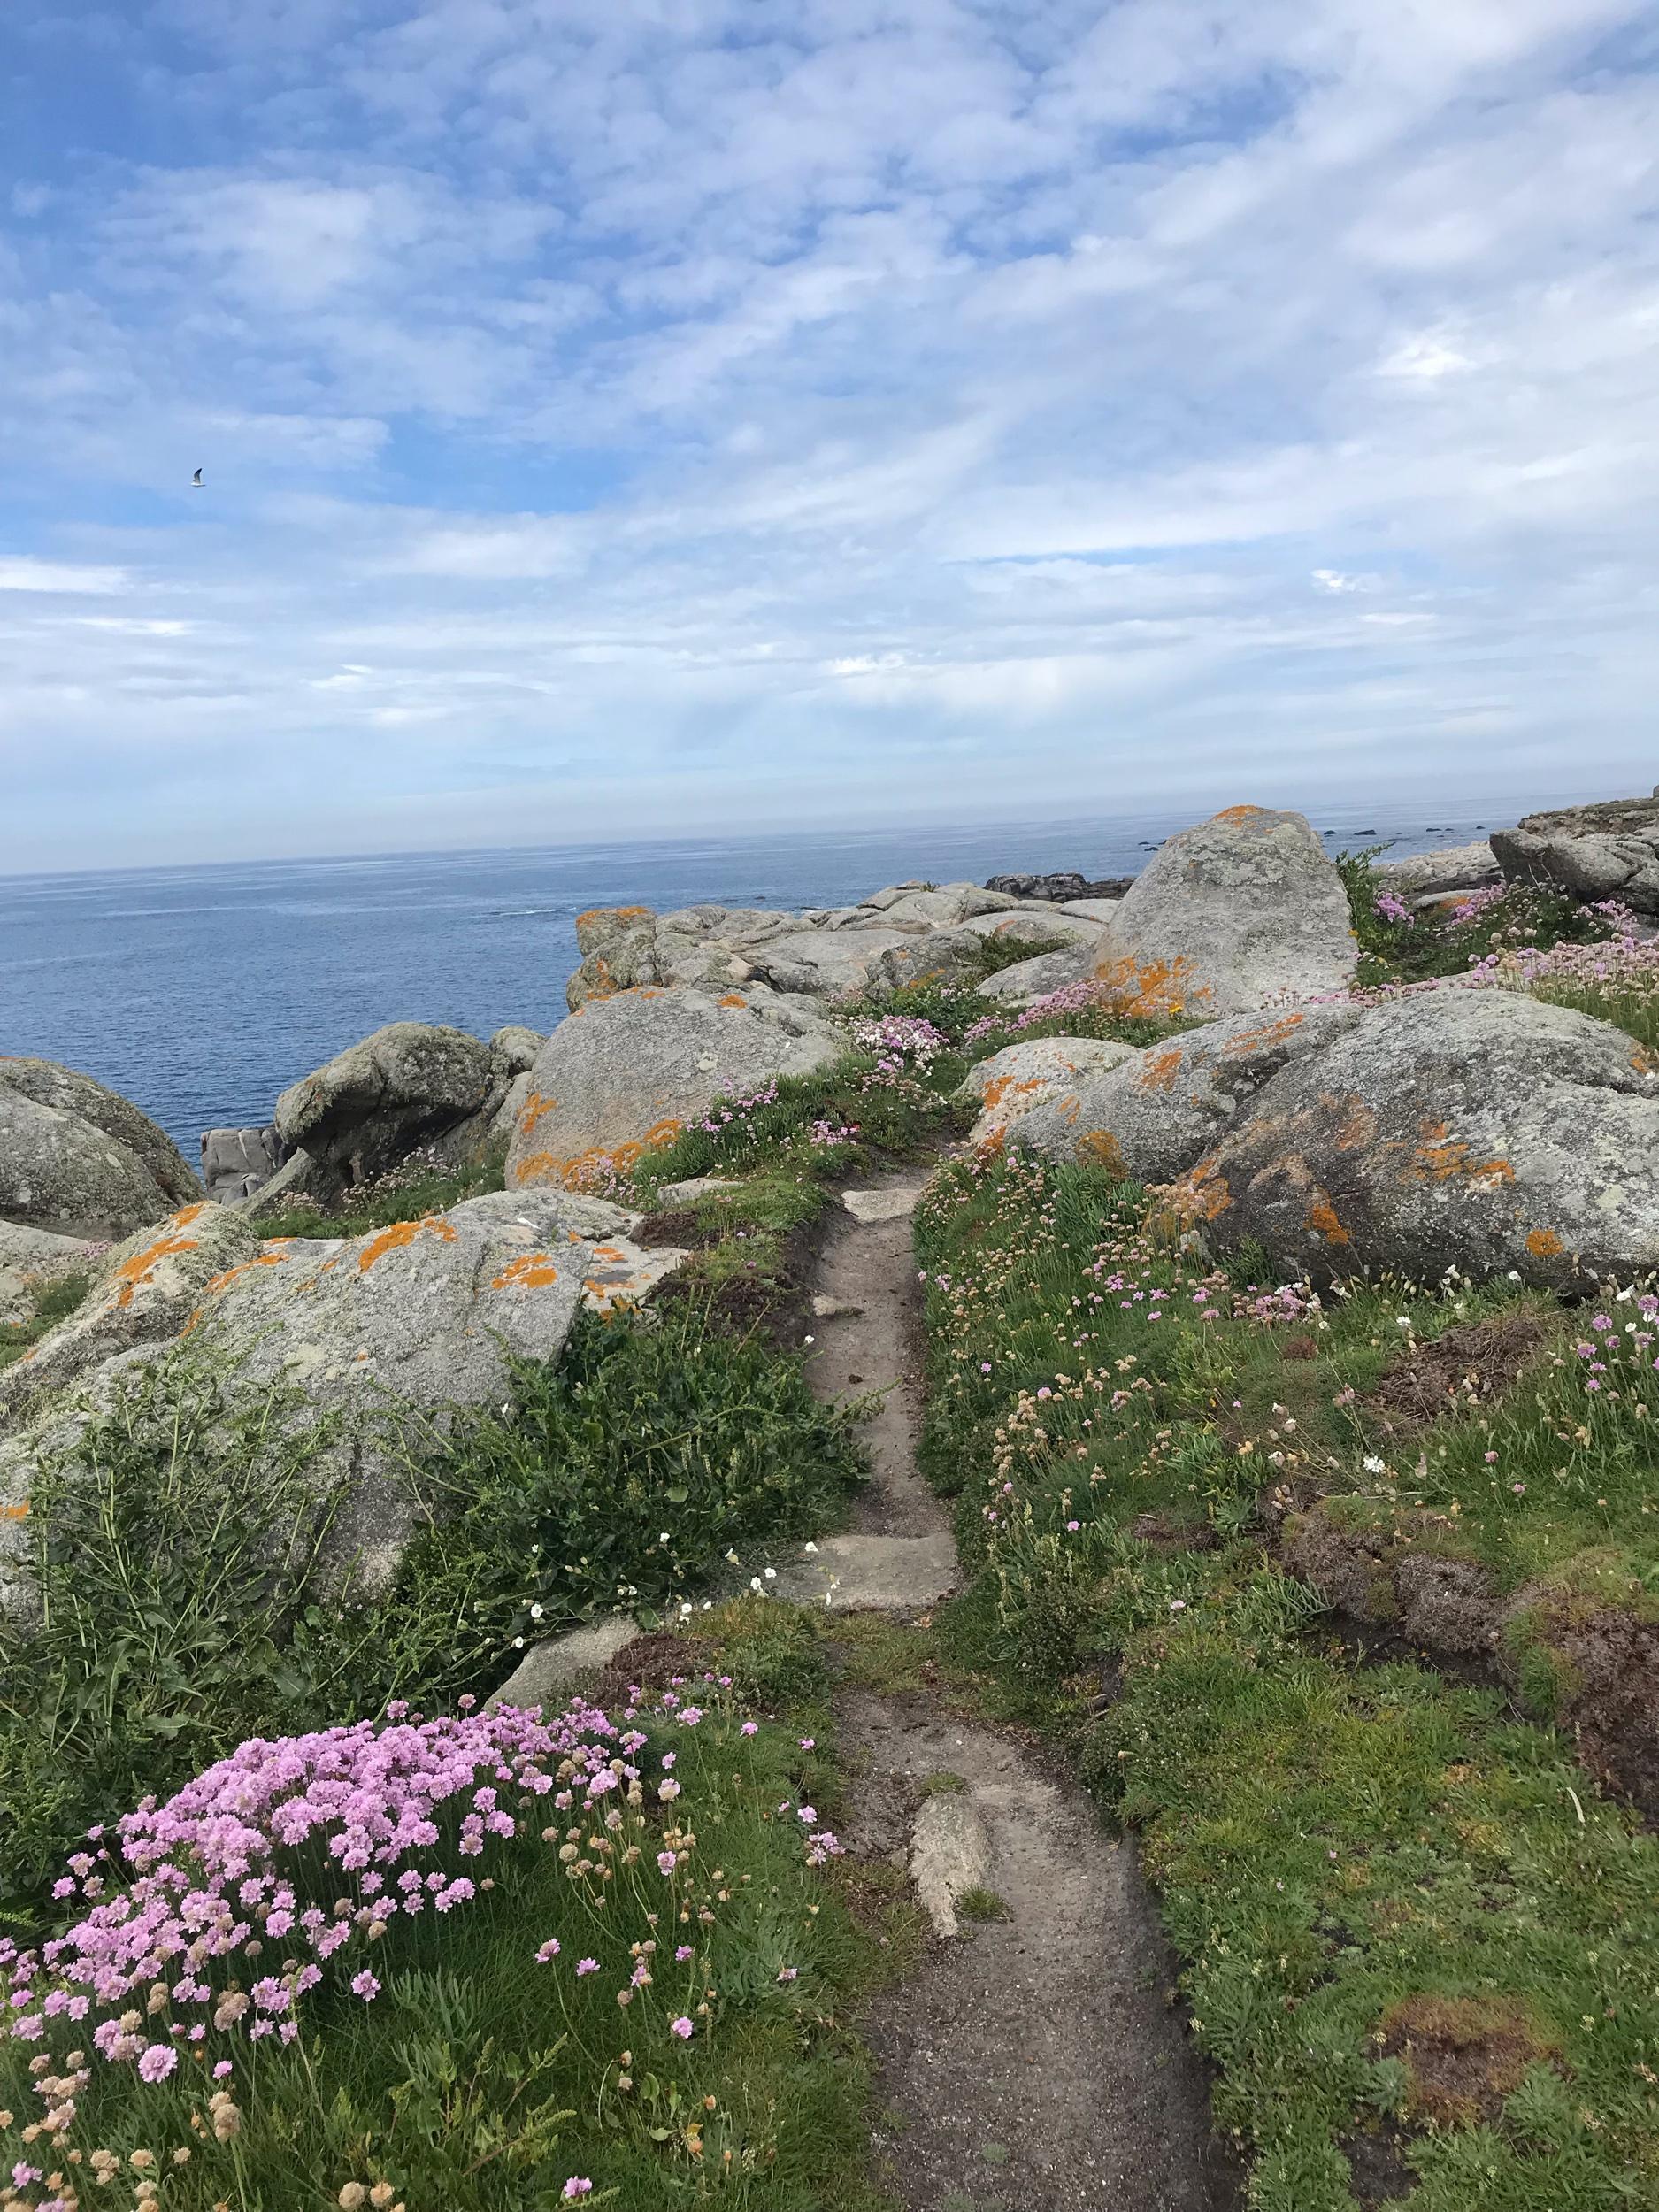 Jour 23 - ☀️Date : 23 mai☀️Distance : 3,5 km (sur le GR)☀️Départ - Arrivée : Île de Batz - Roscoff☀️Coucher de soleil : niveau 10